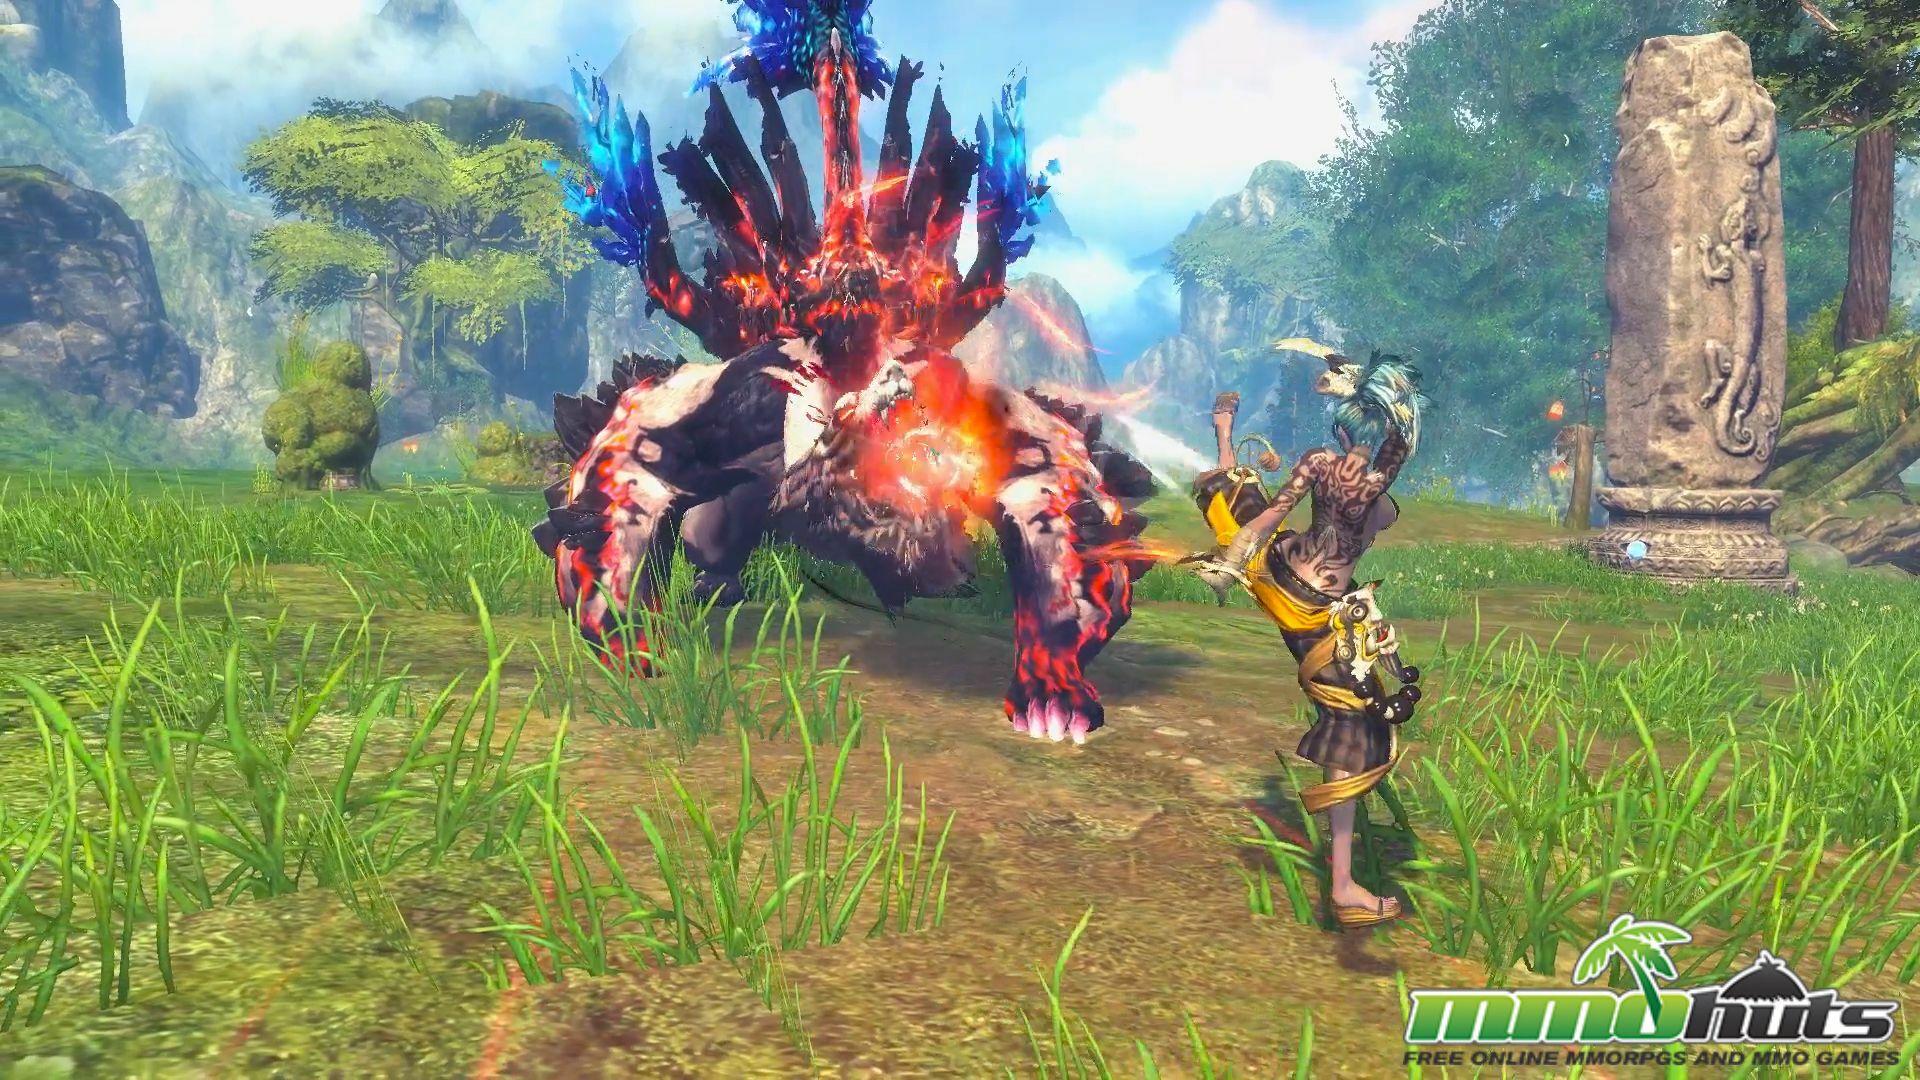 Blade & Soul E3 2015 Demo